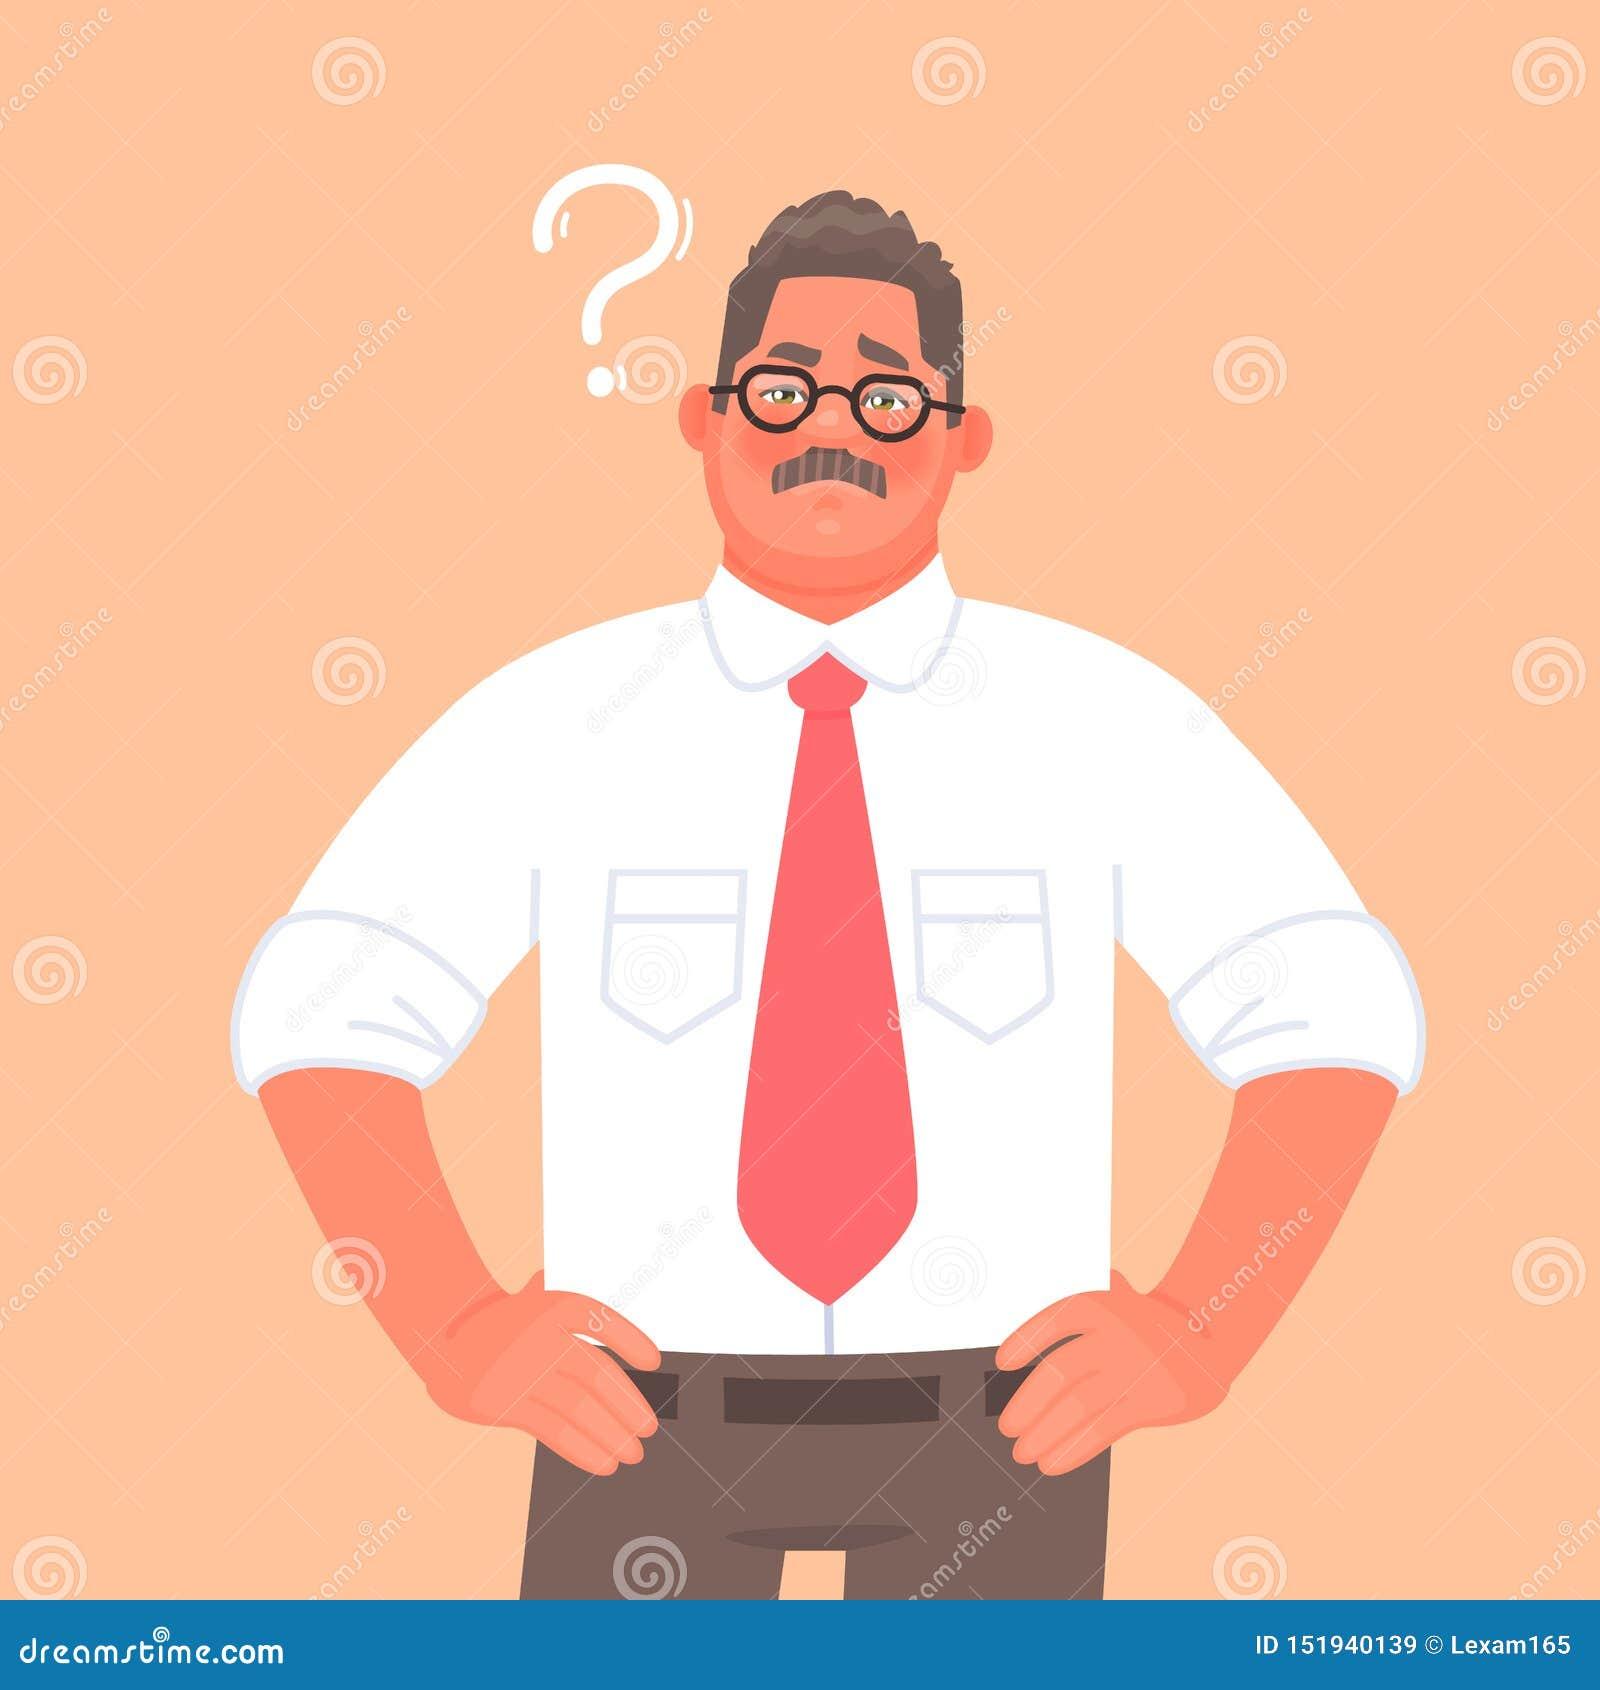 Rozwiązanie wybór lub problem Przedsiębiorca lub biznesmen myśleć oceny pytanie